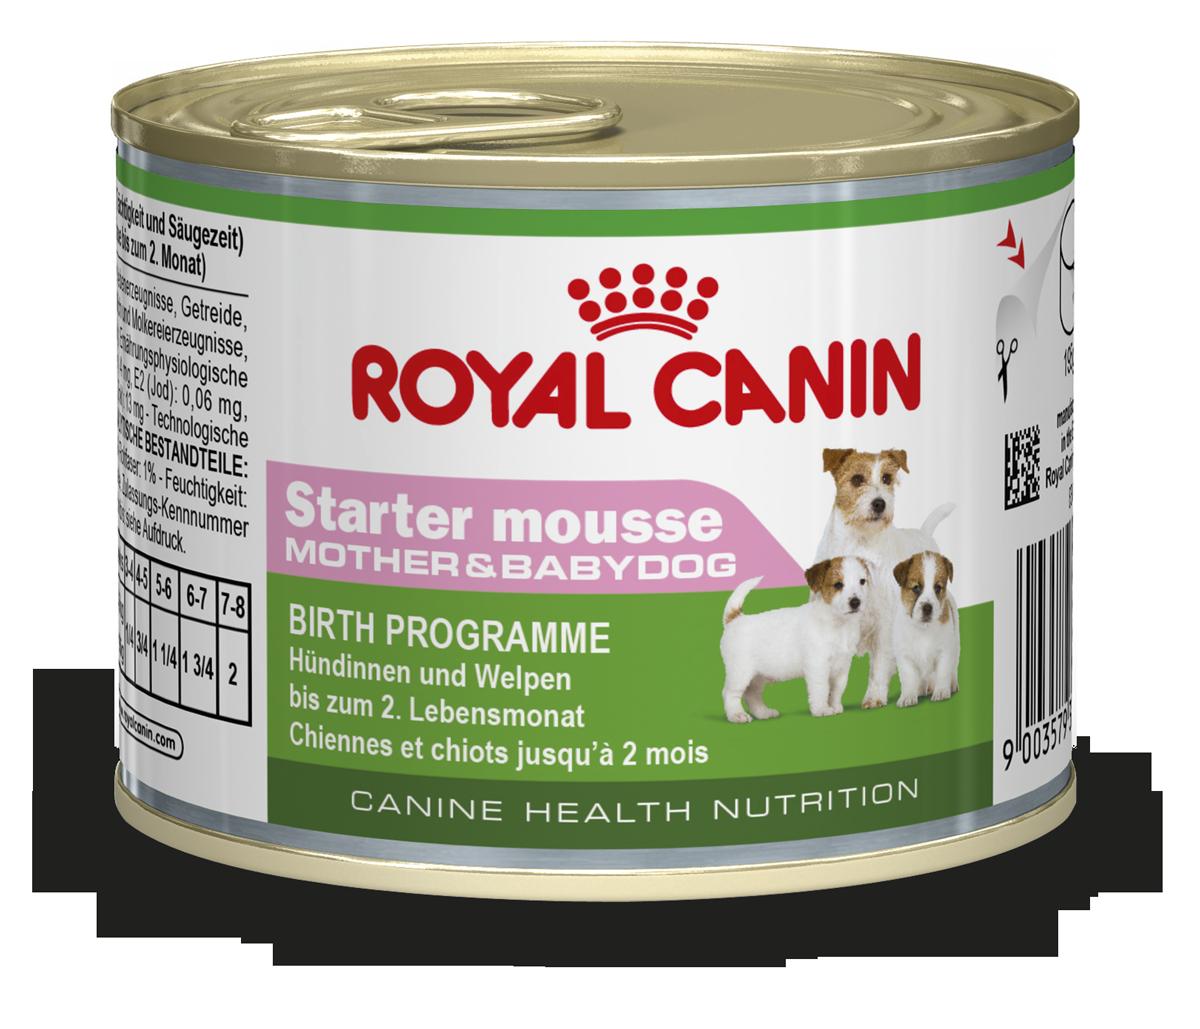 Alleinfuttermittel Fur Hunde Spezielle Rezeptur Zur Deckung Des Besonderen Nahrstoffbedarfs Von Hundin Dog Food Recipes Royal Canin Dog Food Dog Food Online